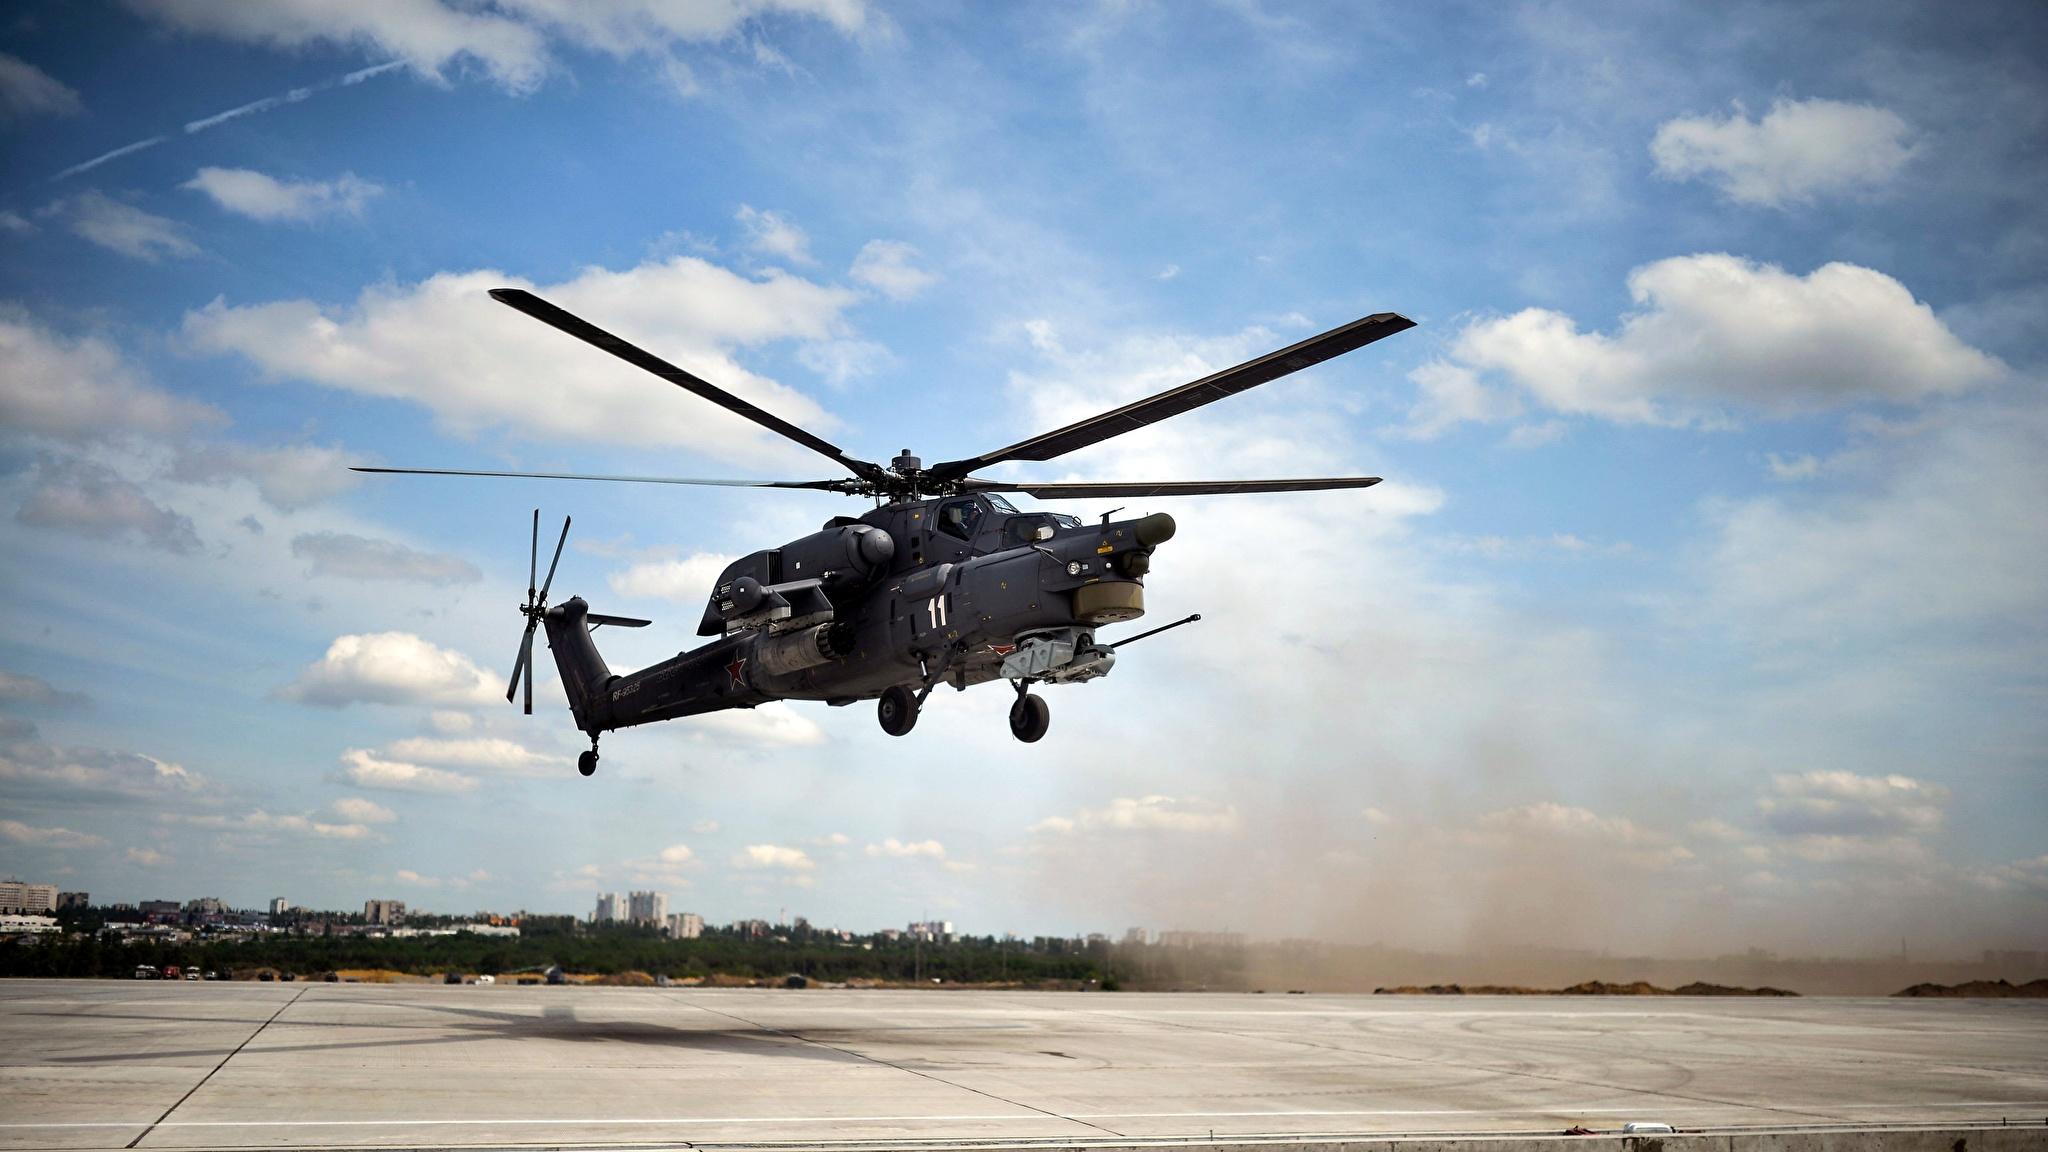 Fotos Hubschrauber Russische Mi-28N Luftfahrt 2048x1152